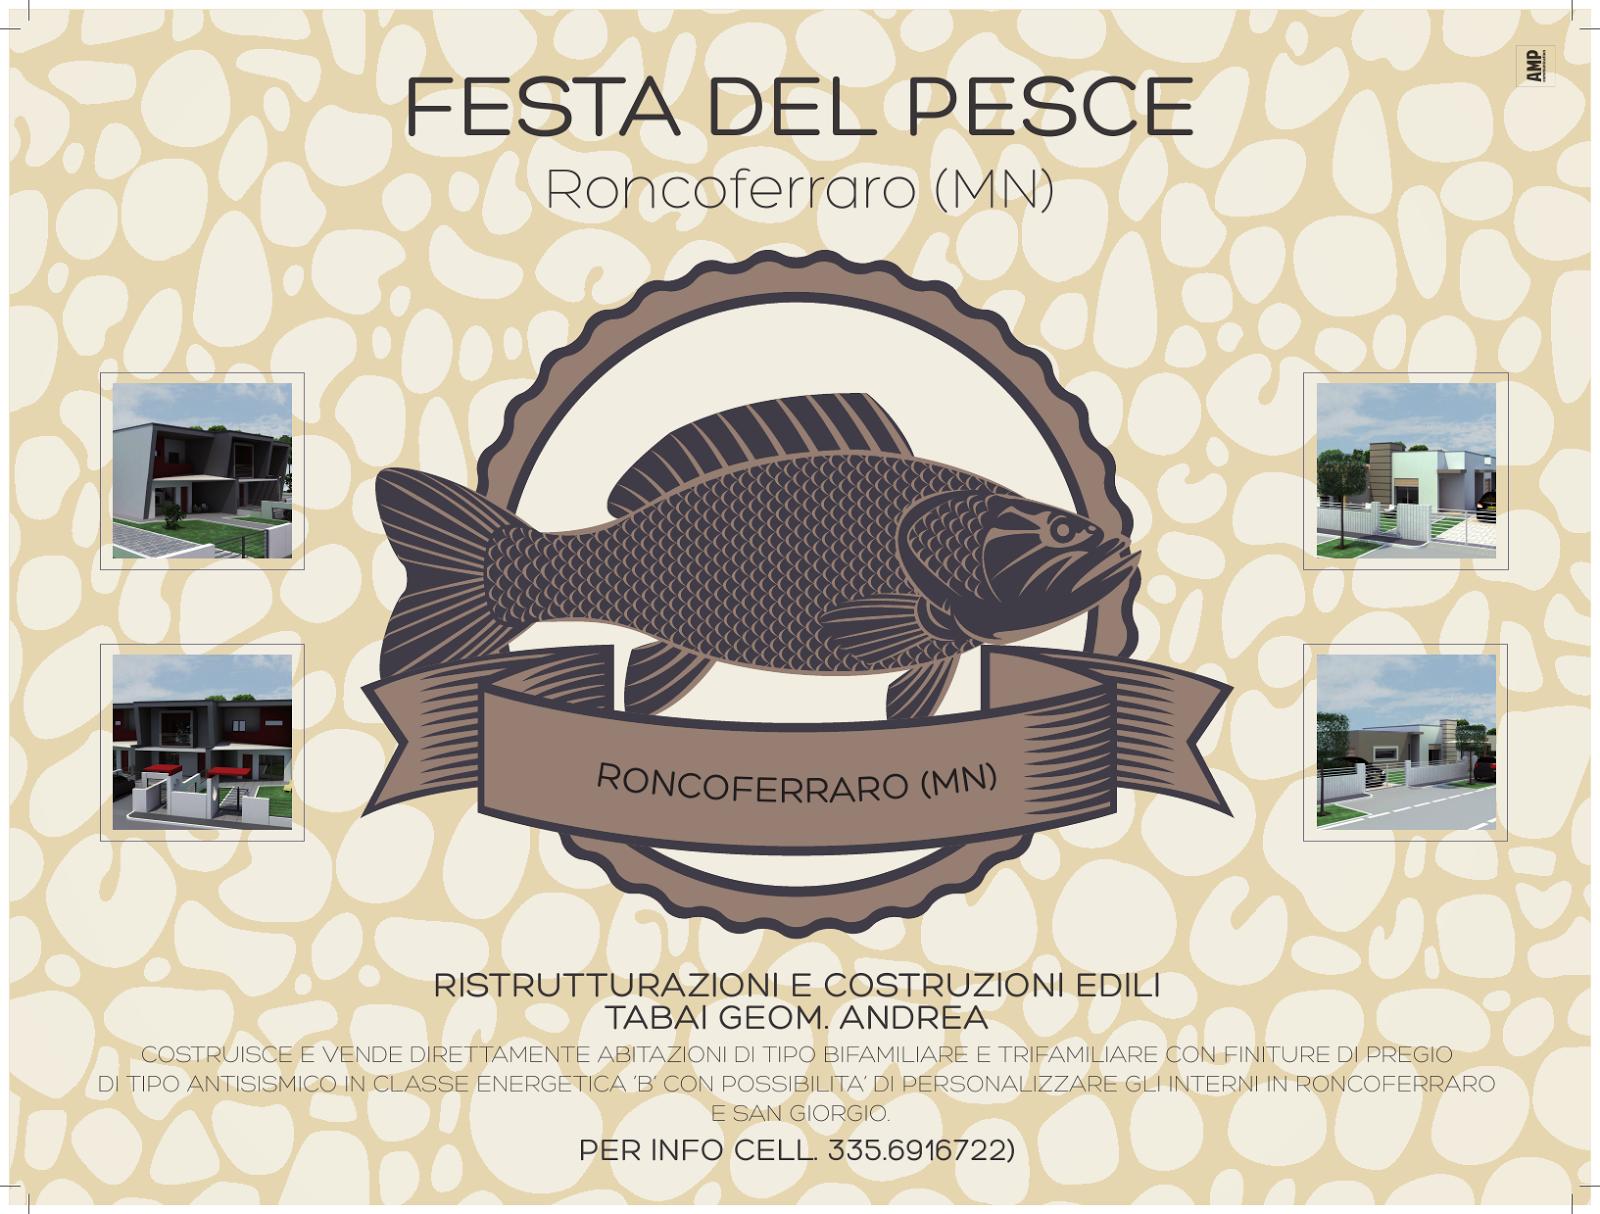 Tovaglietta della Festa del Pesce